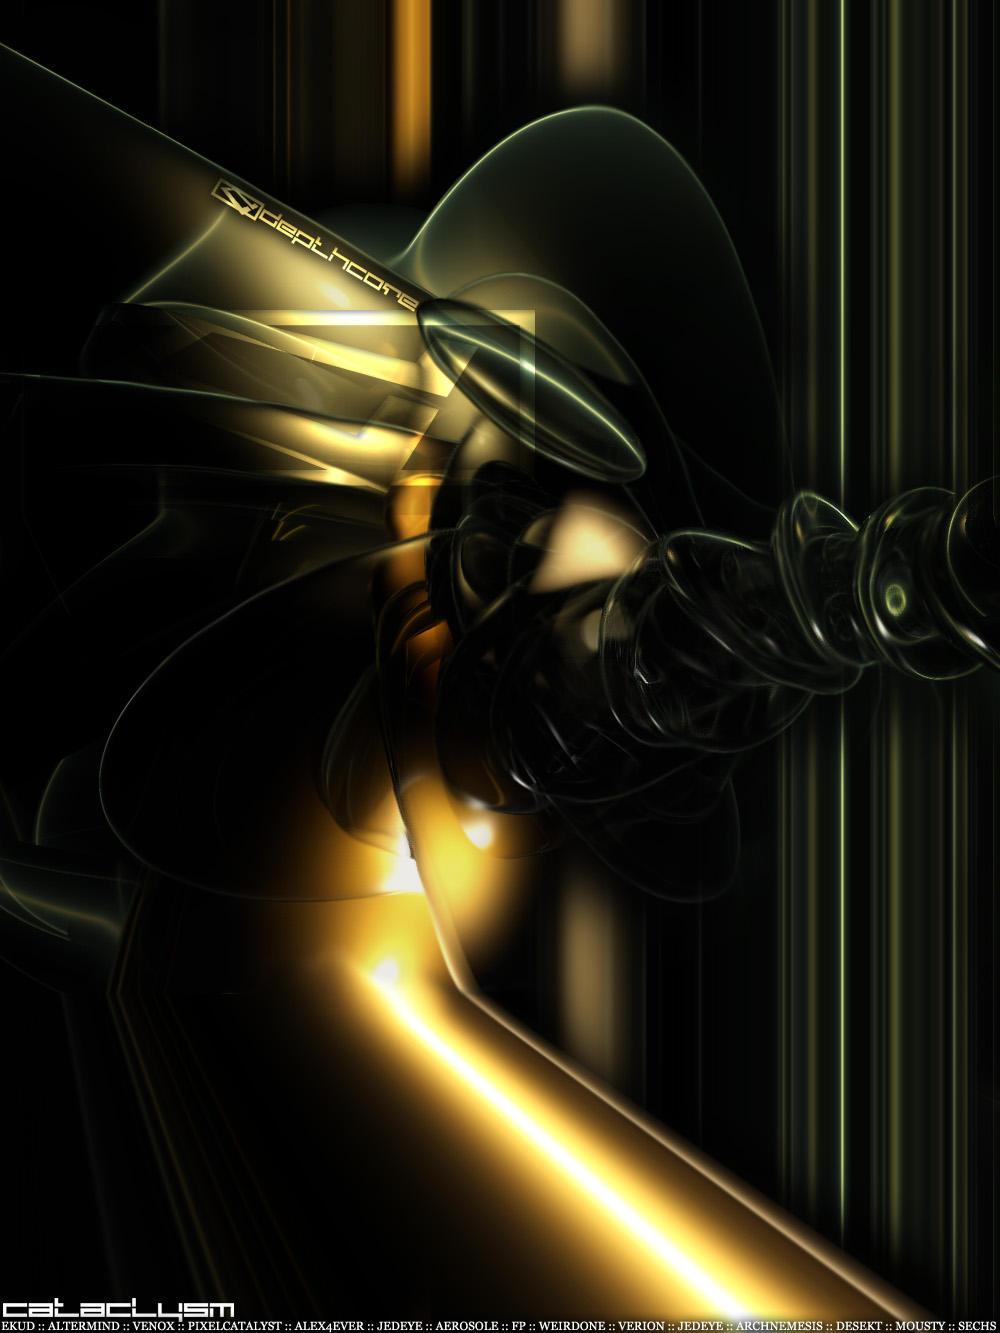 DEPTHCORE by ekud